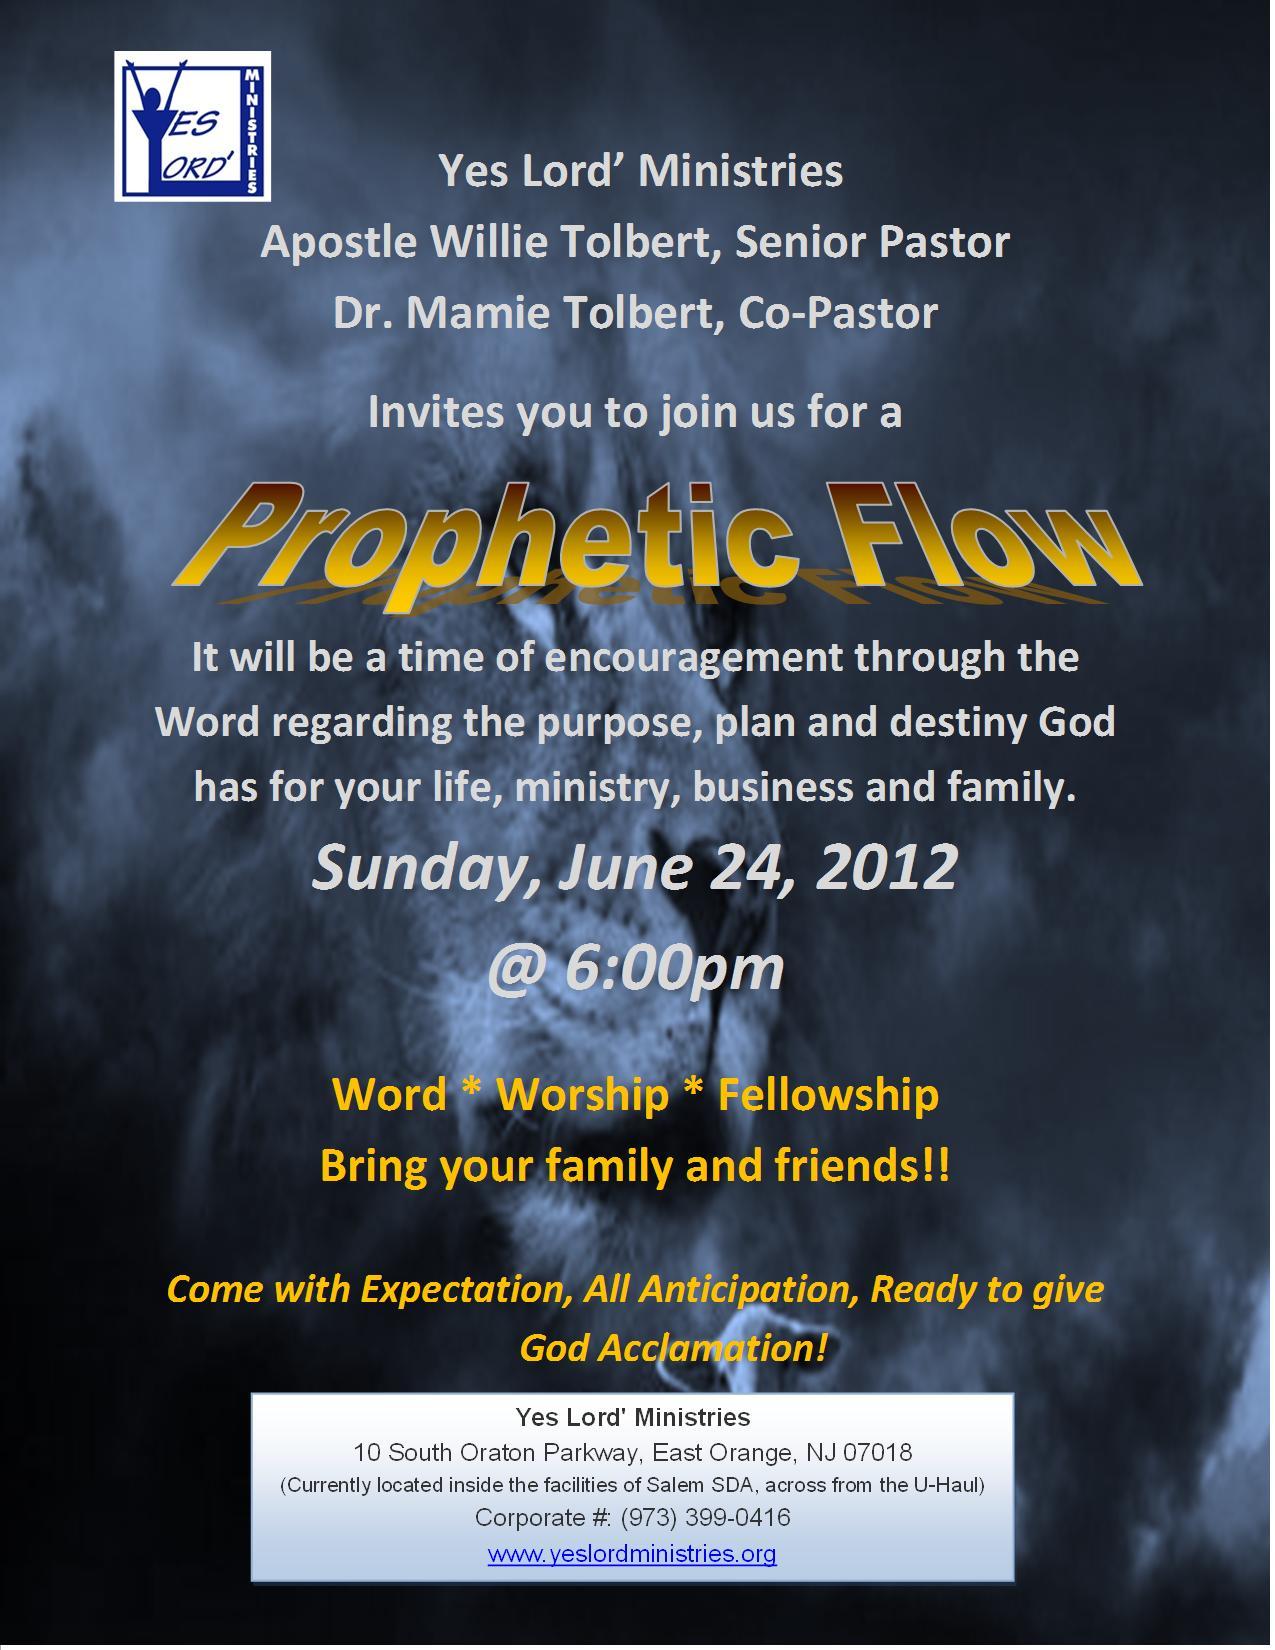 Prophetic Flow Flyer